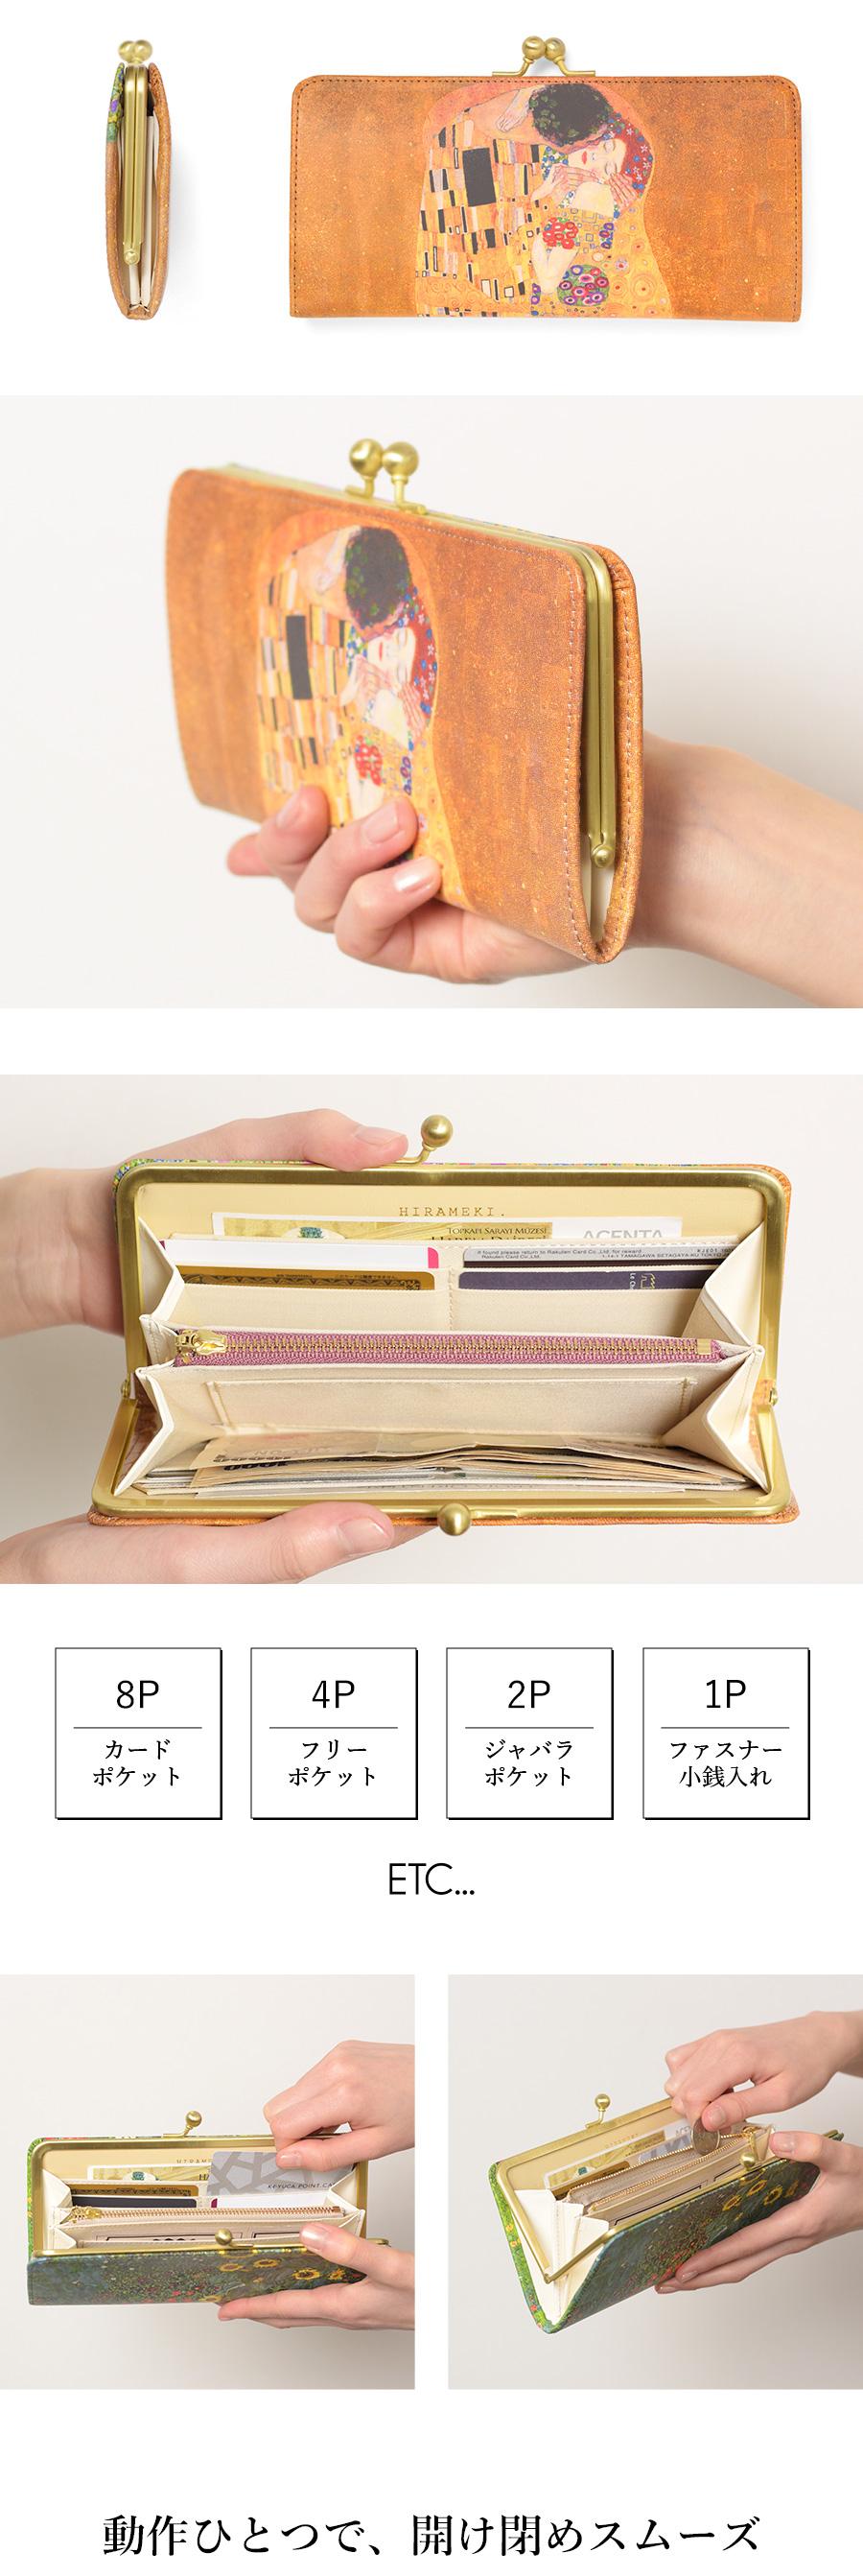 カードポケット8p フリーポケット4p ジャバラポケット2p ファスナー小銭入れ1p 動作一つで、開け閉めスムーズ